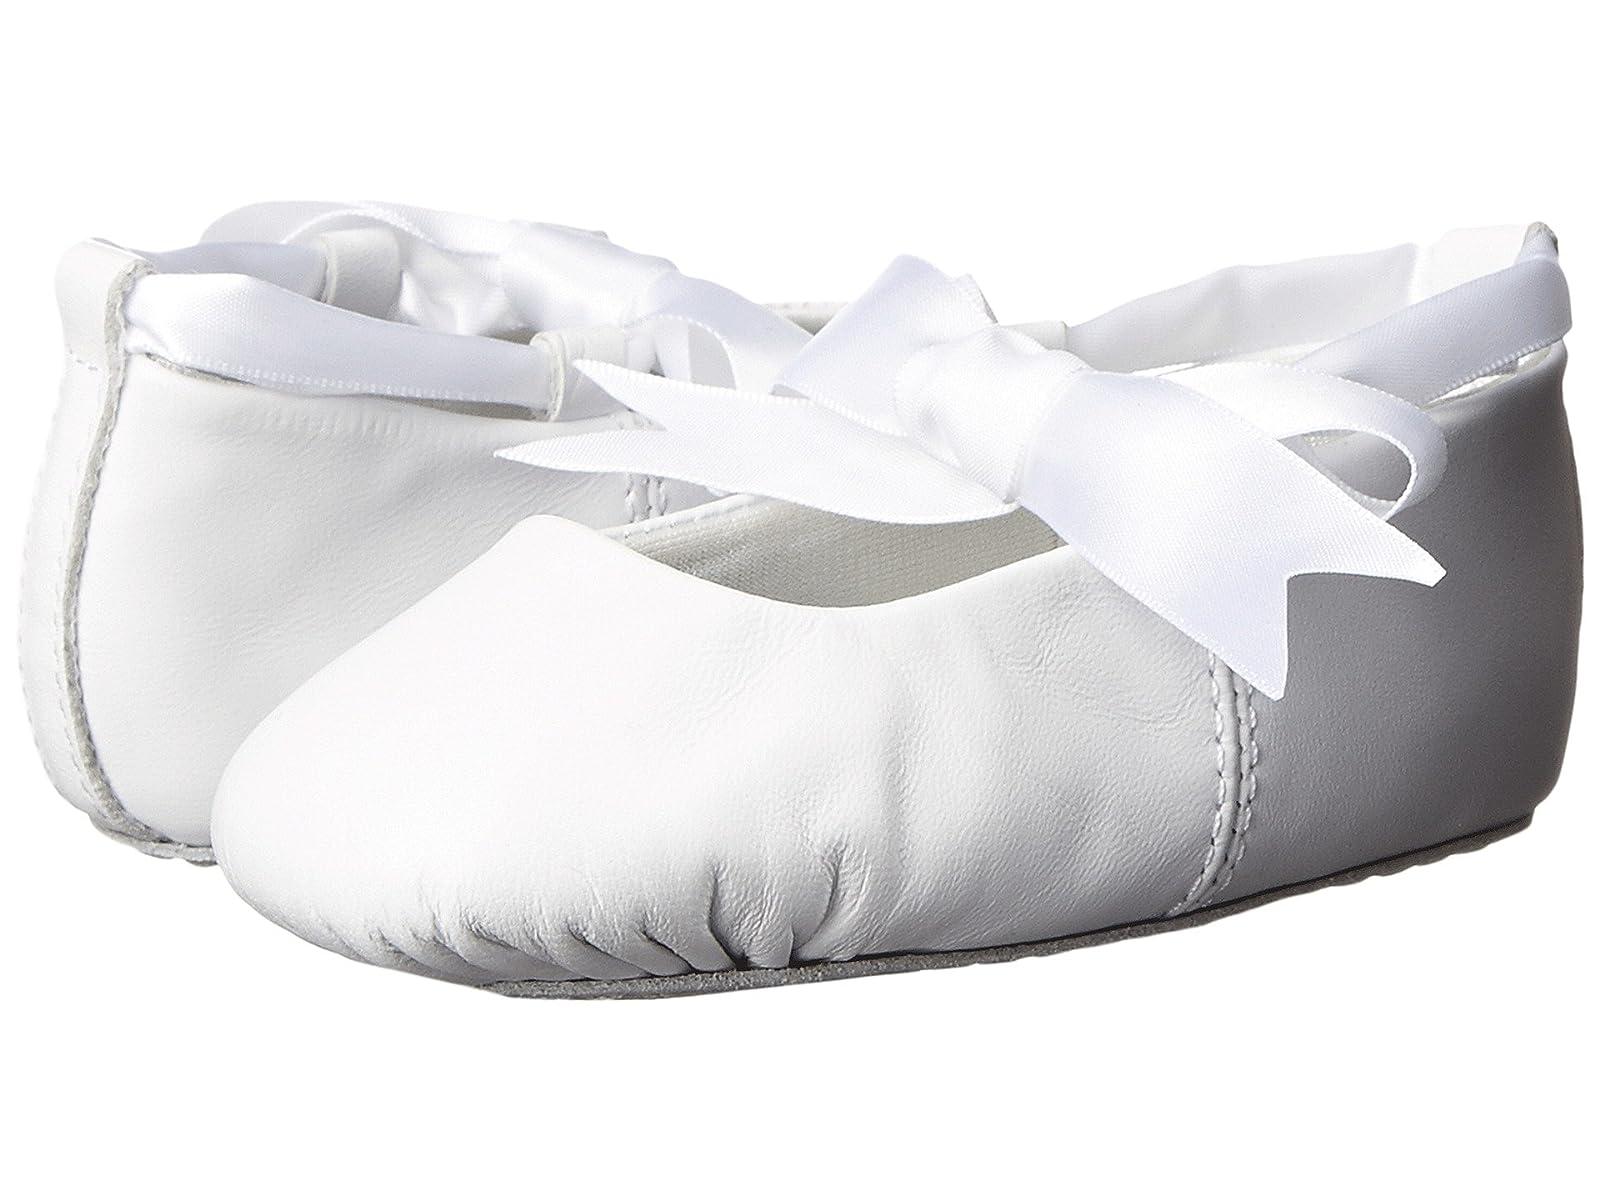 Baby Deer Sabrina Ballet (Toddler/Little Kid)Atmospheric grades have affordable shoes